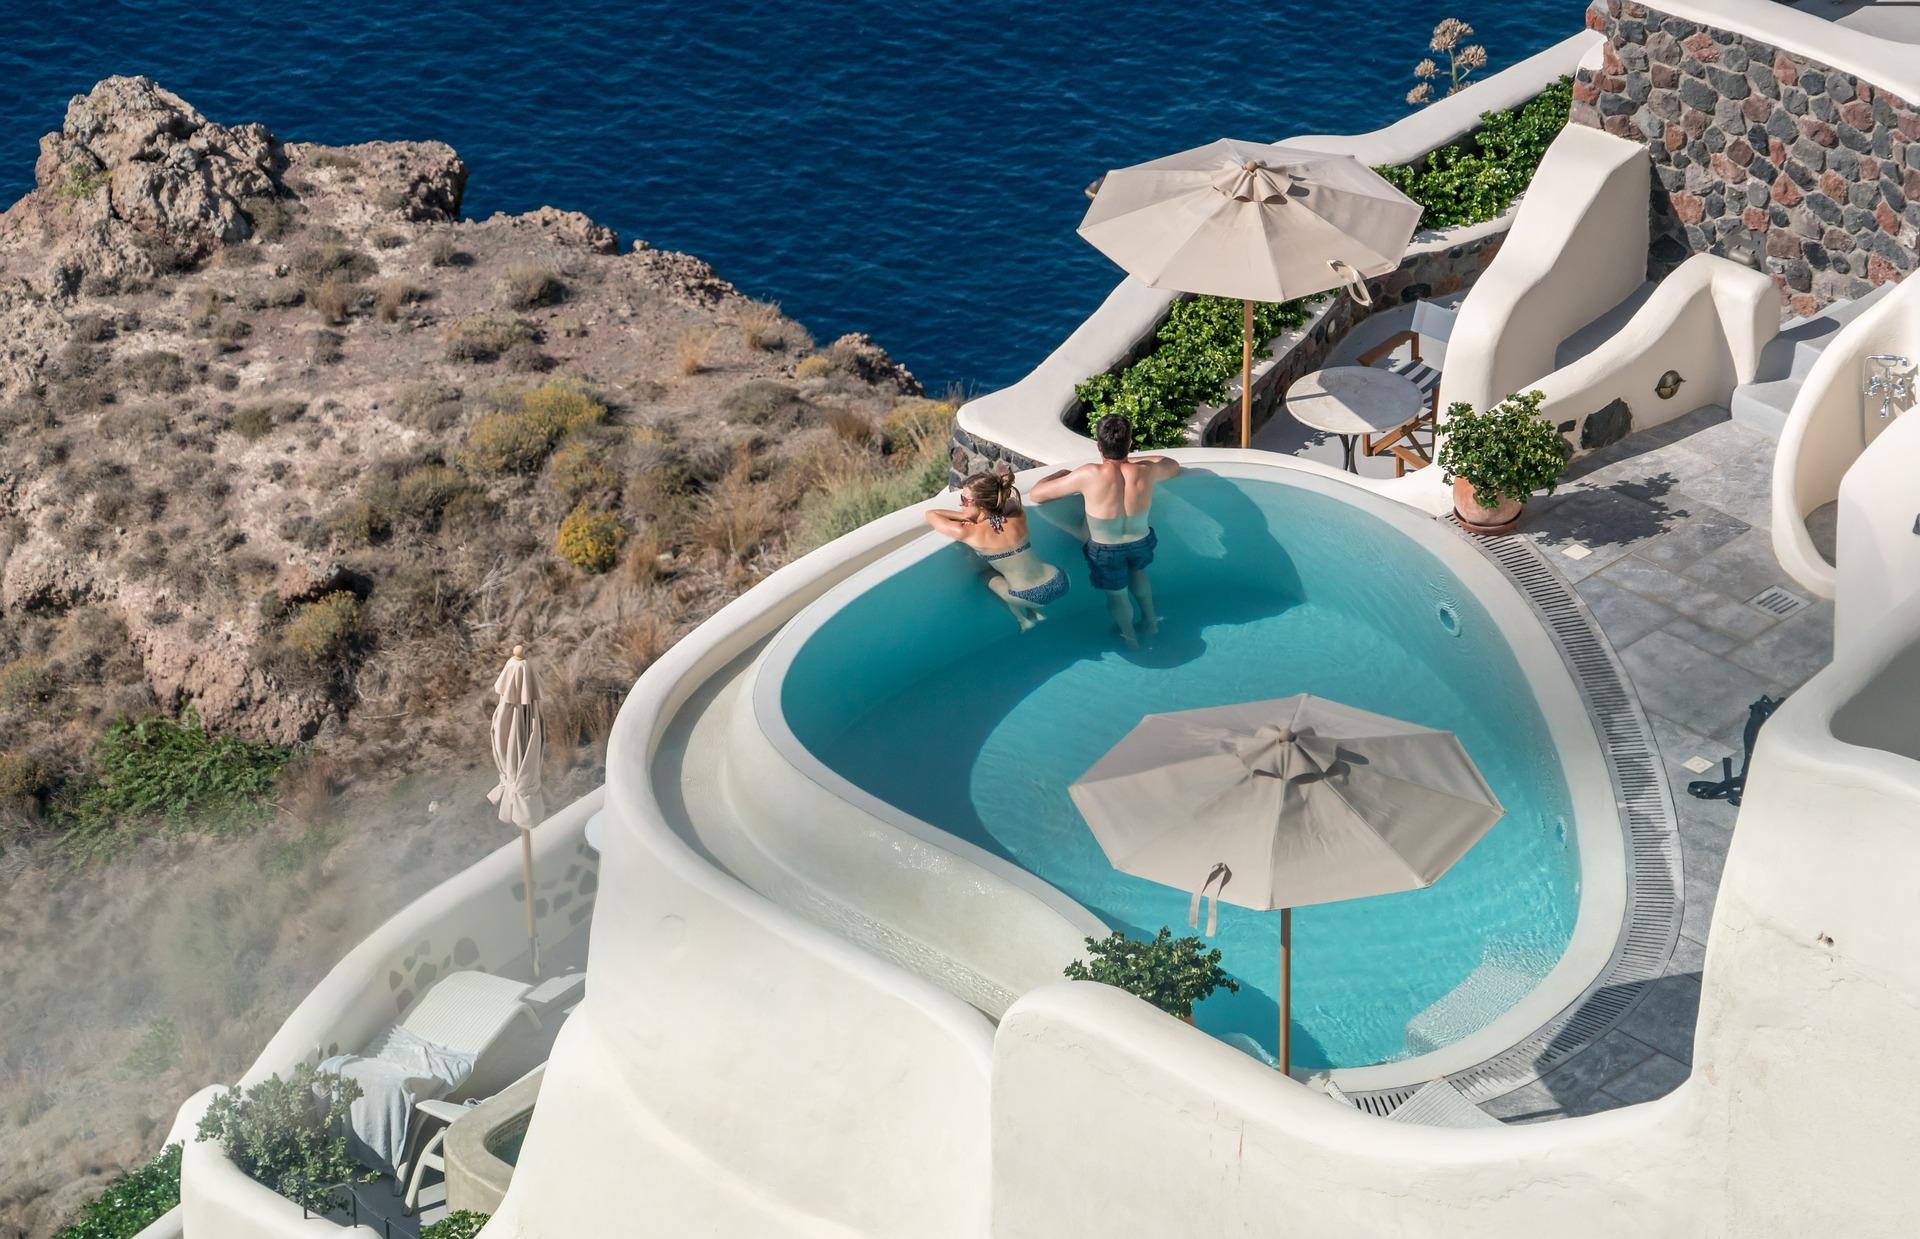 10 Reasons Why Luxury Travelers Choose Utopian LVH